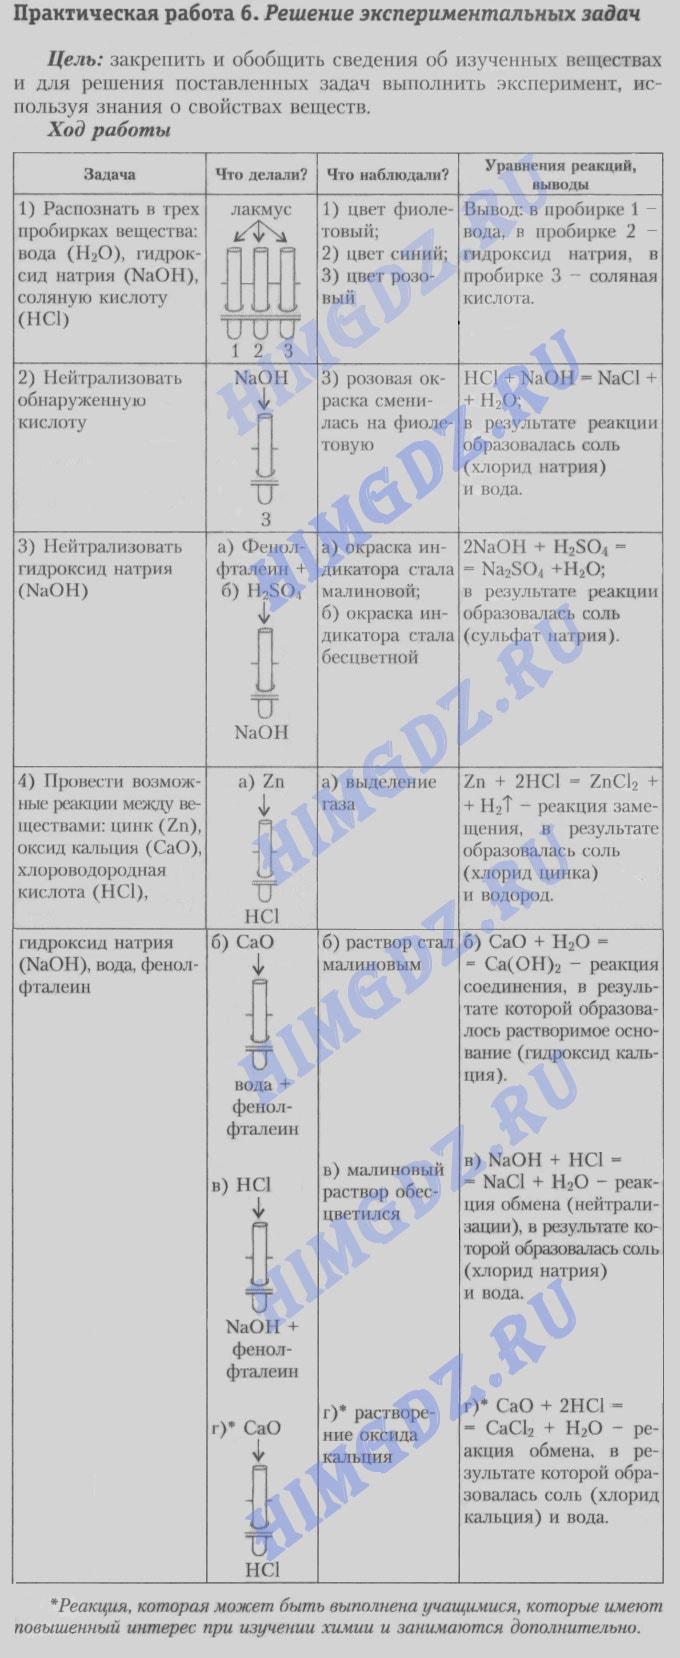 Шиманович 7 класс практическая работа 6 - решение экспериментальных задач